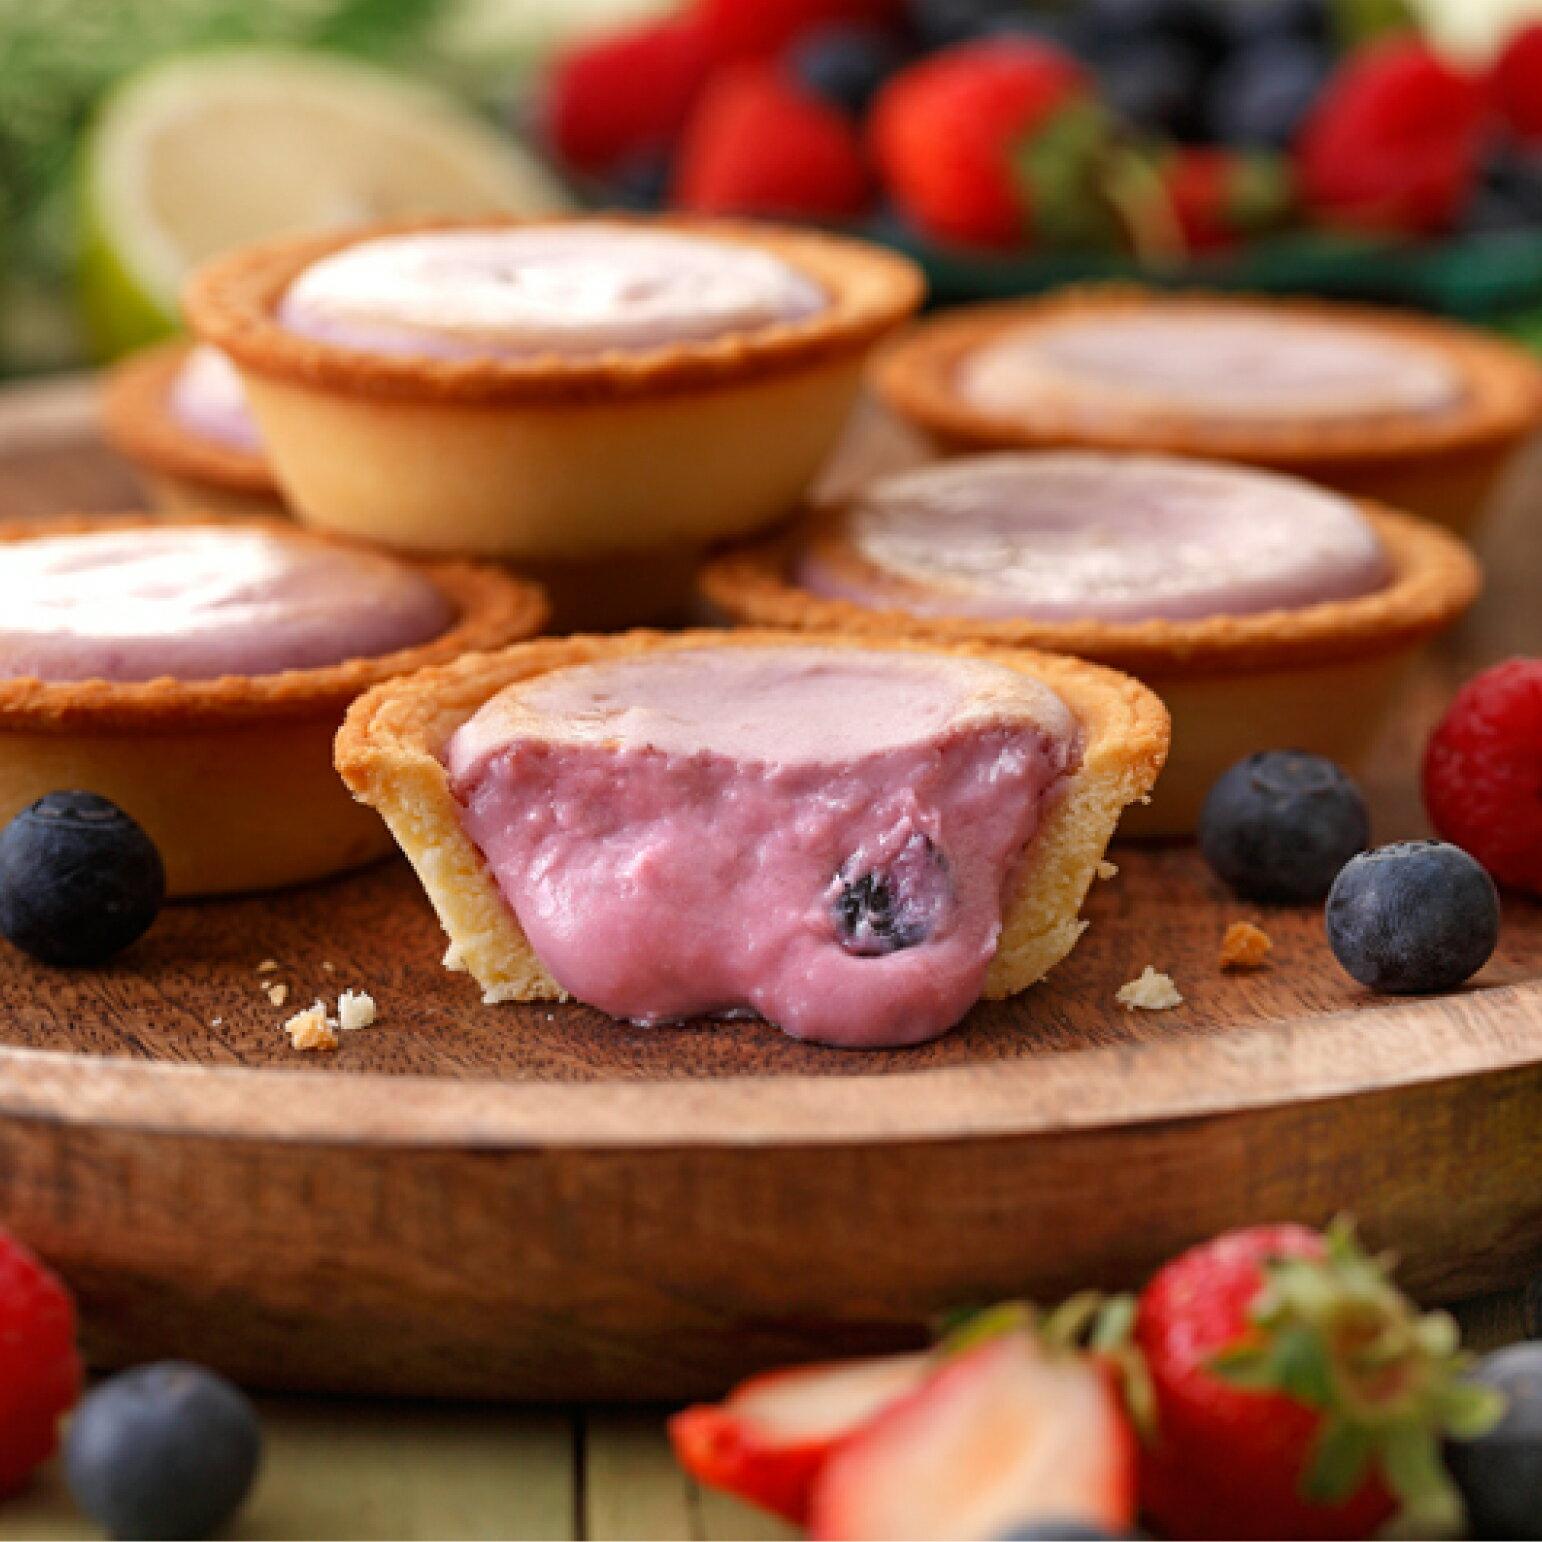 【安普蕾修Sweets】綜合莓果起士塔 (10入 / 盒) 團購  甜點  下午茶   禮盒  蛋糕 蛋奶素 2